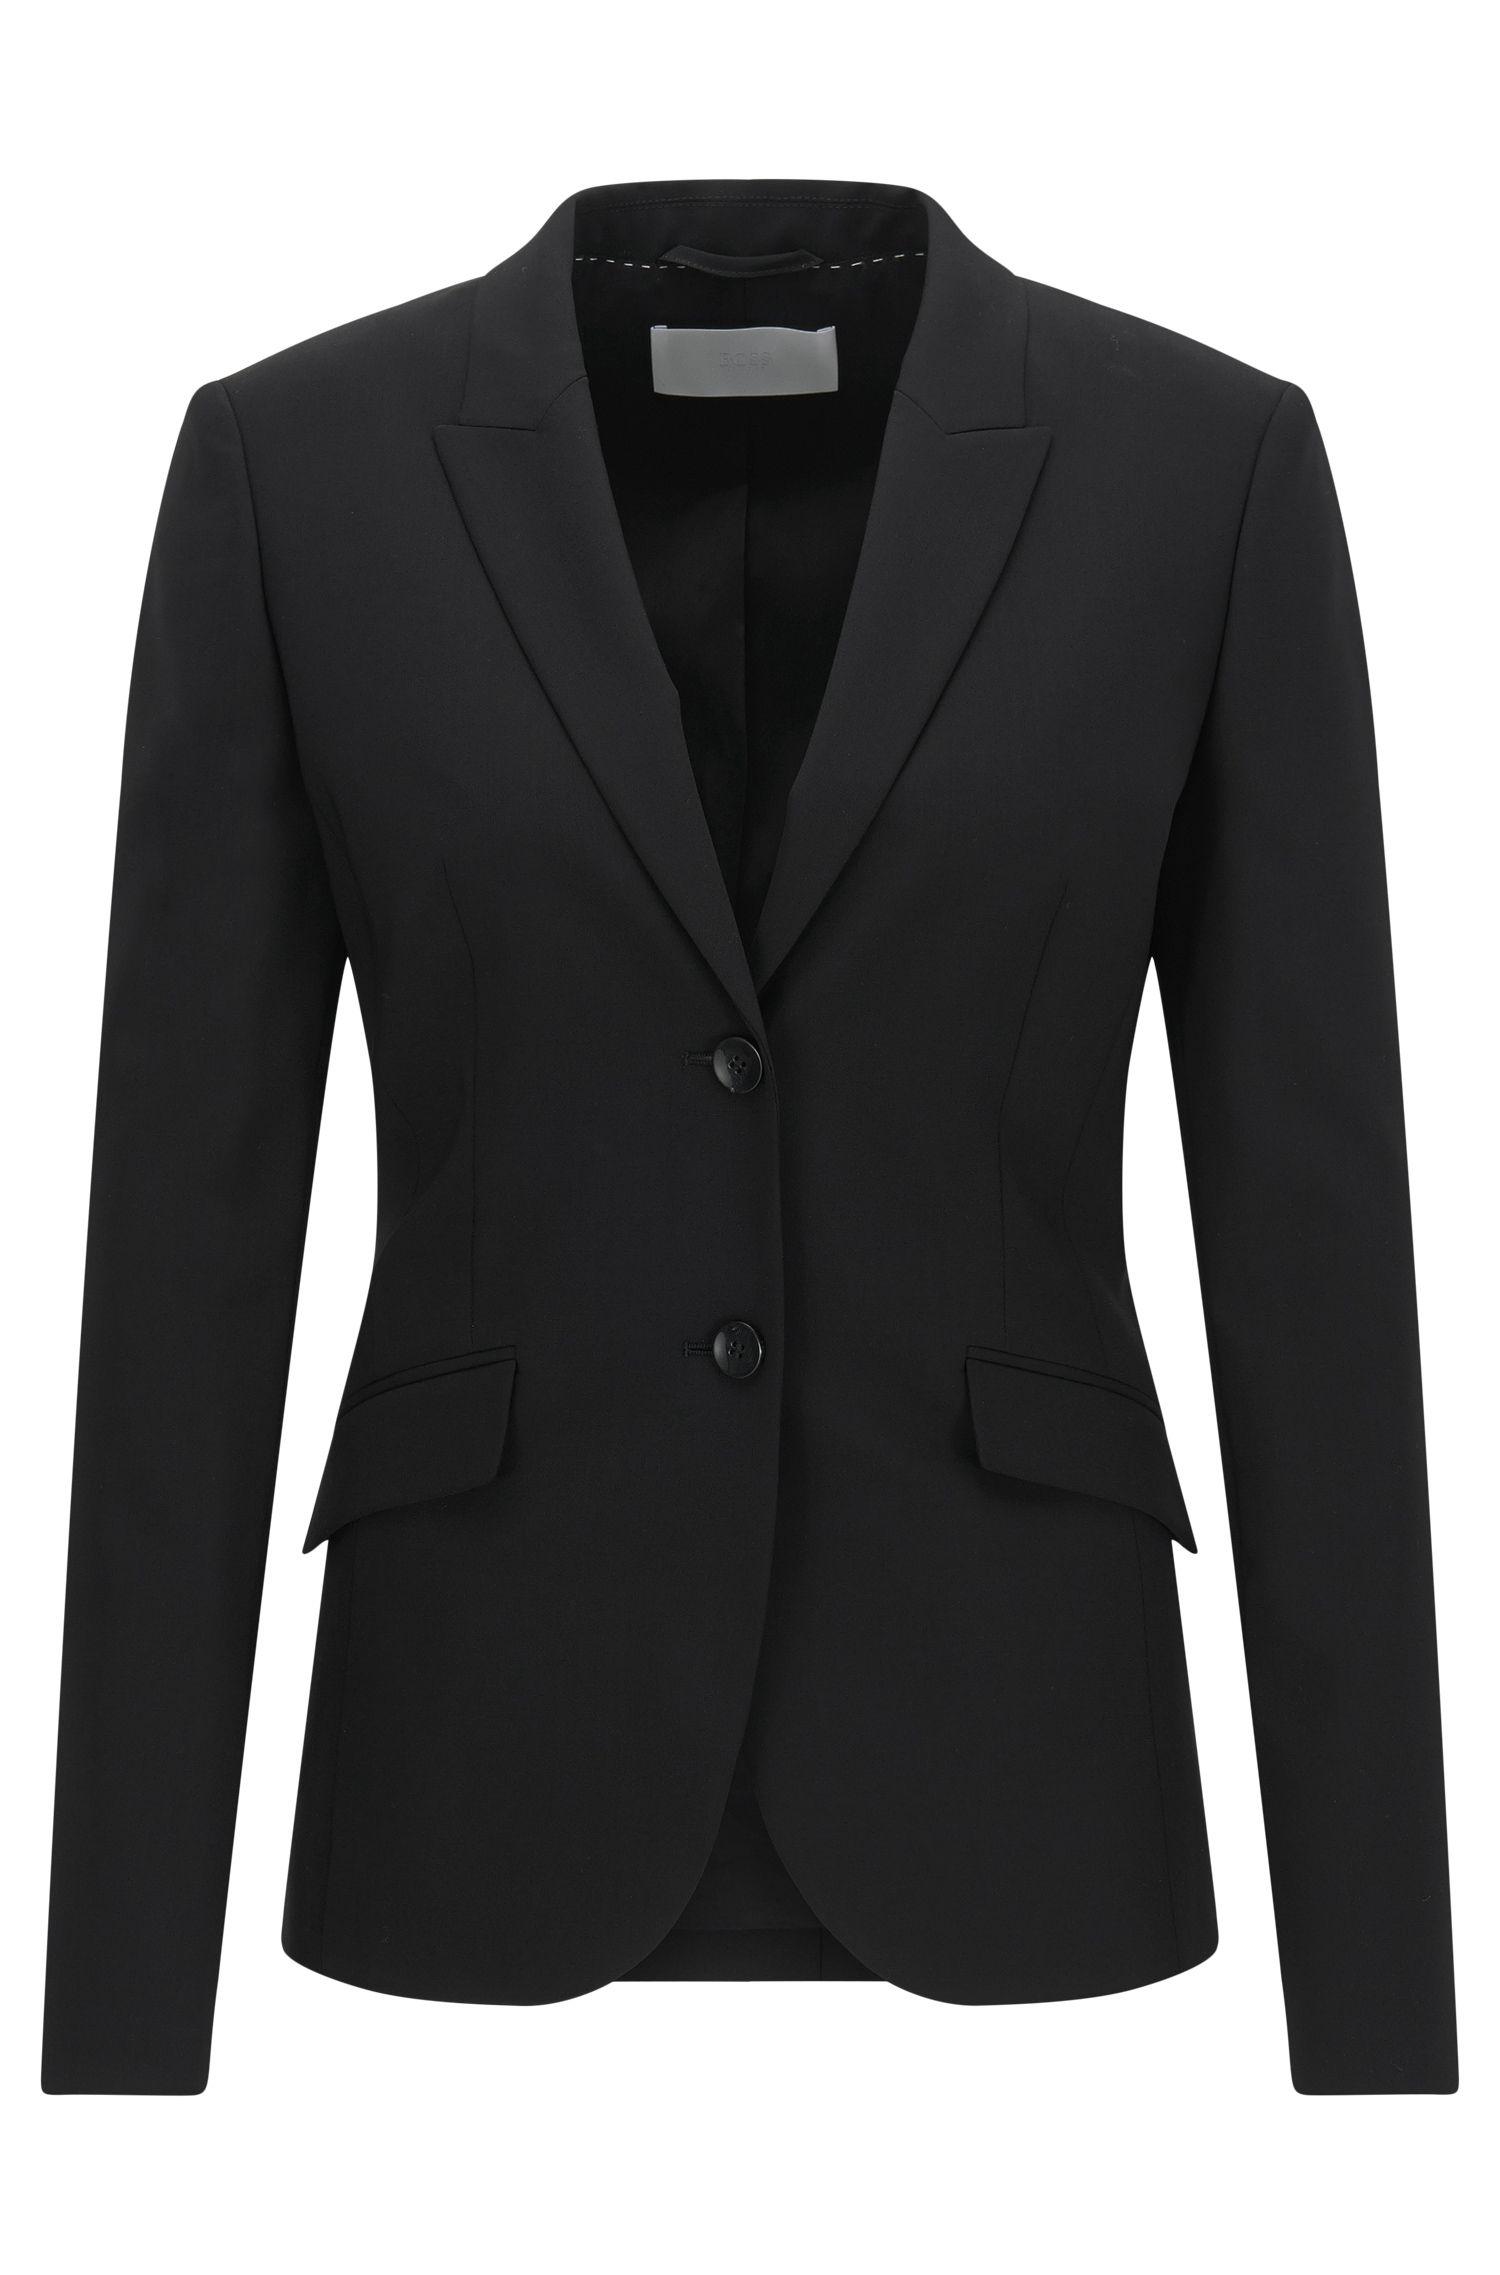 'Julea'   Stretch Virgin Wool Jacket